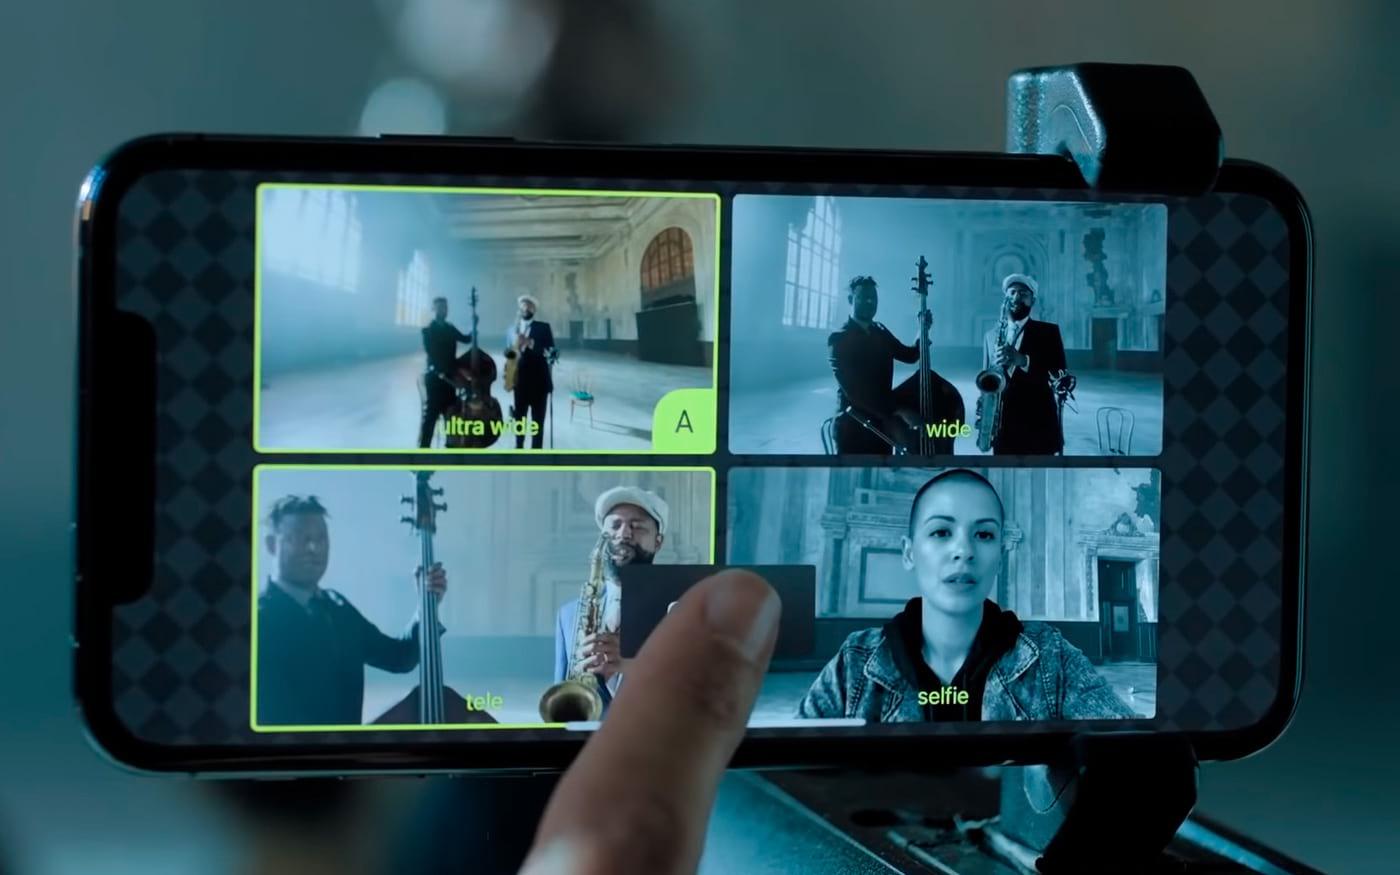 Recurso de câmera dos novos iPhones 11, 11 Pro e 11 Pro Max chegará aos modelos anteriores